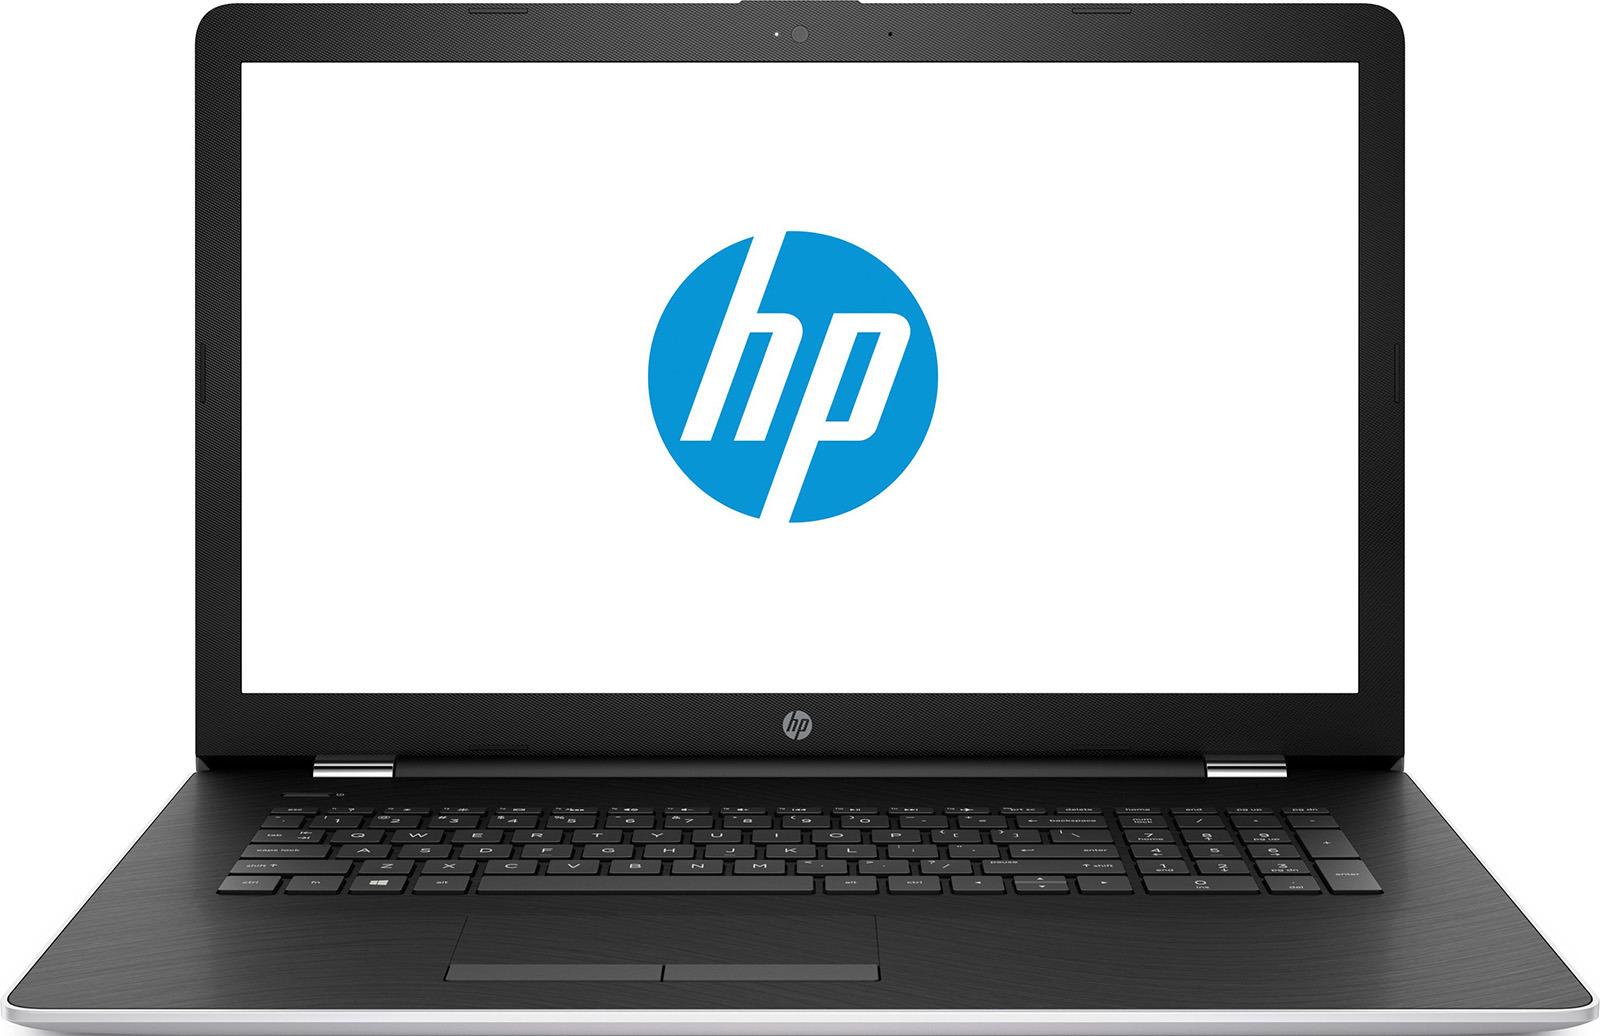 Ноутбук HP 17-ak015ur 1ZJ18EA, серебристый ноутбук hp 17 y021ur x7j08ea